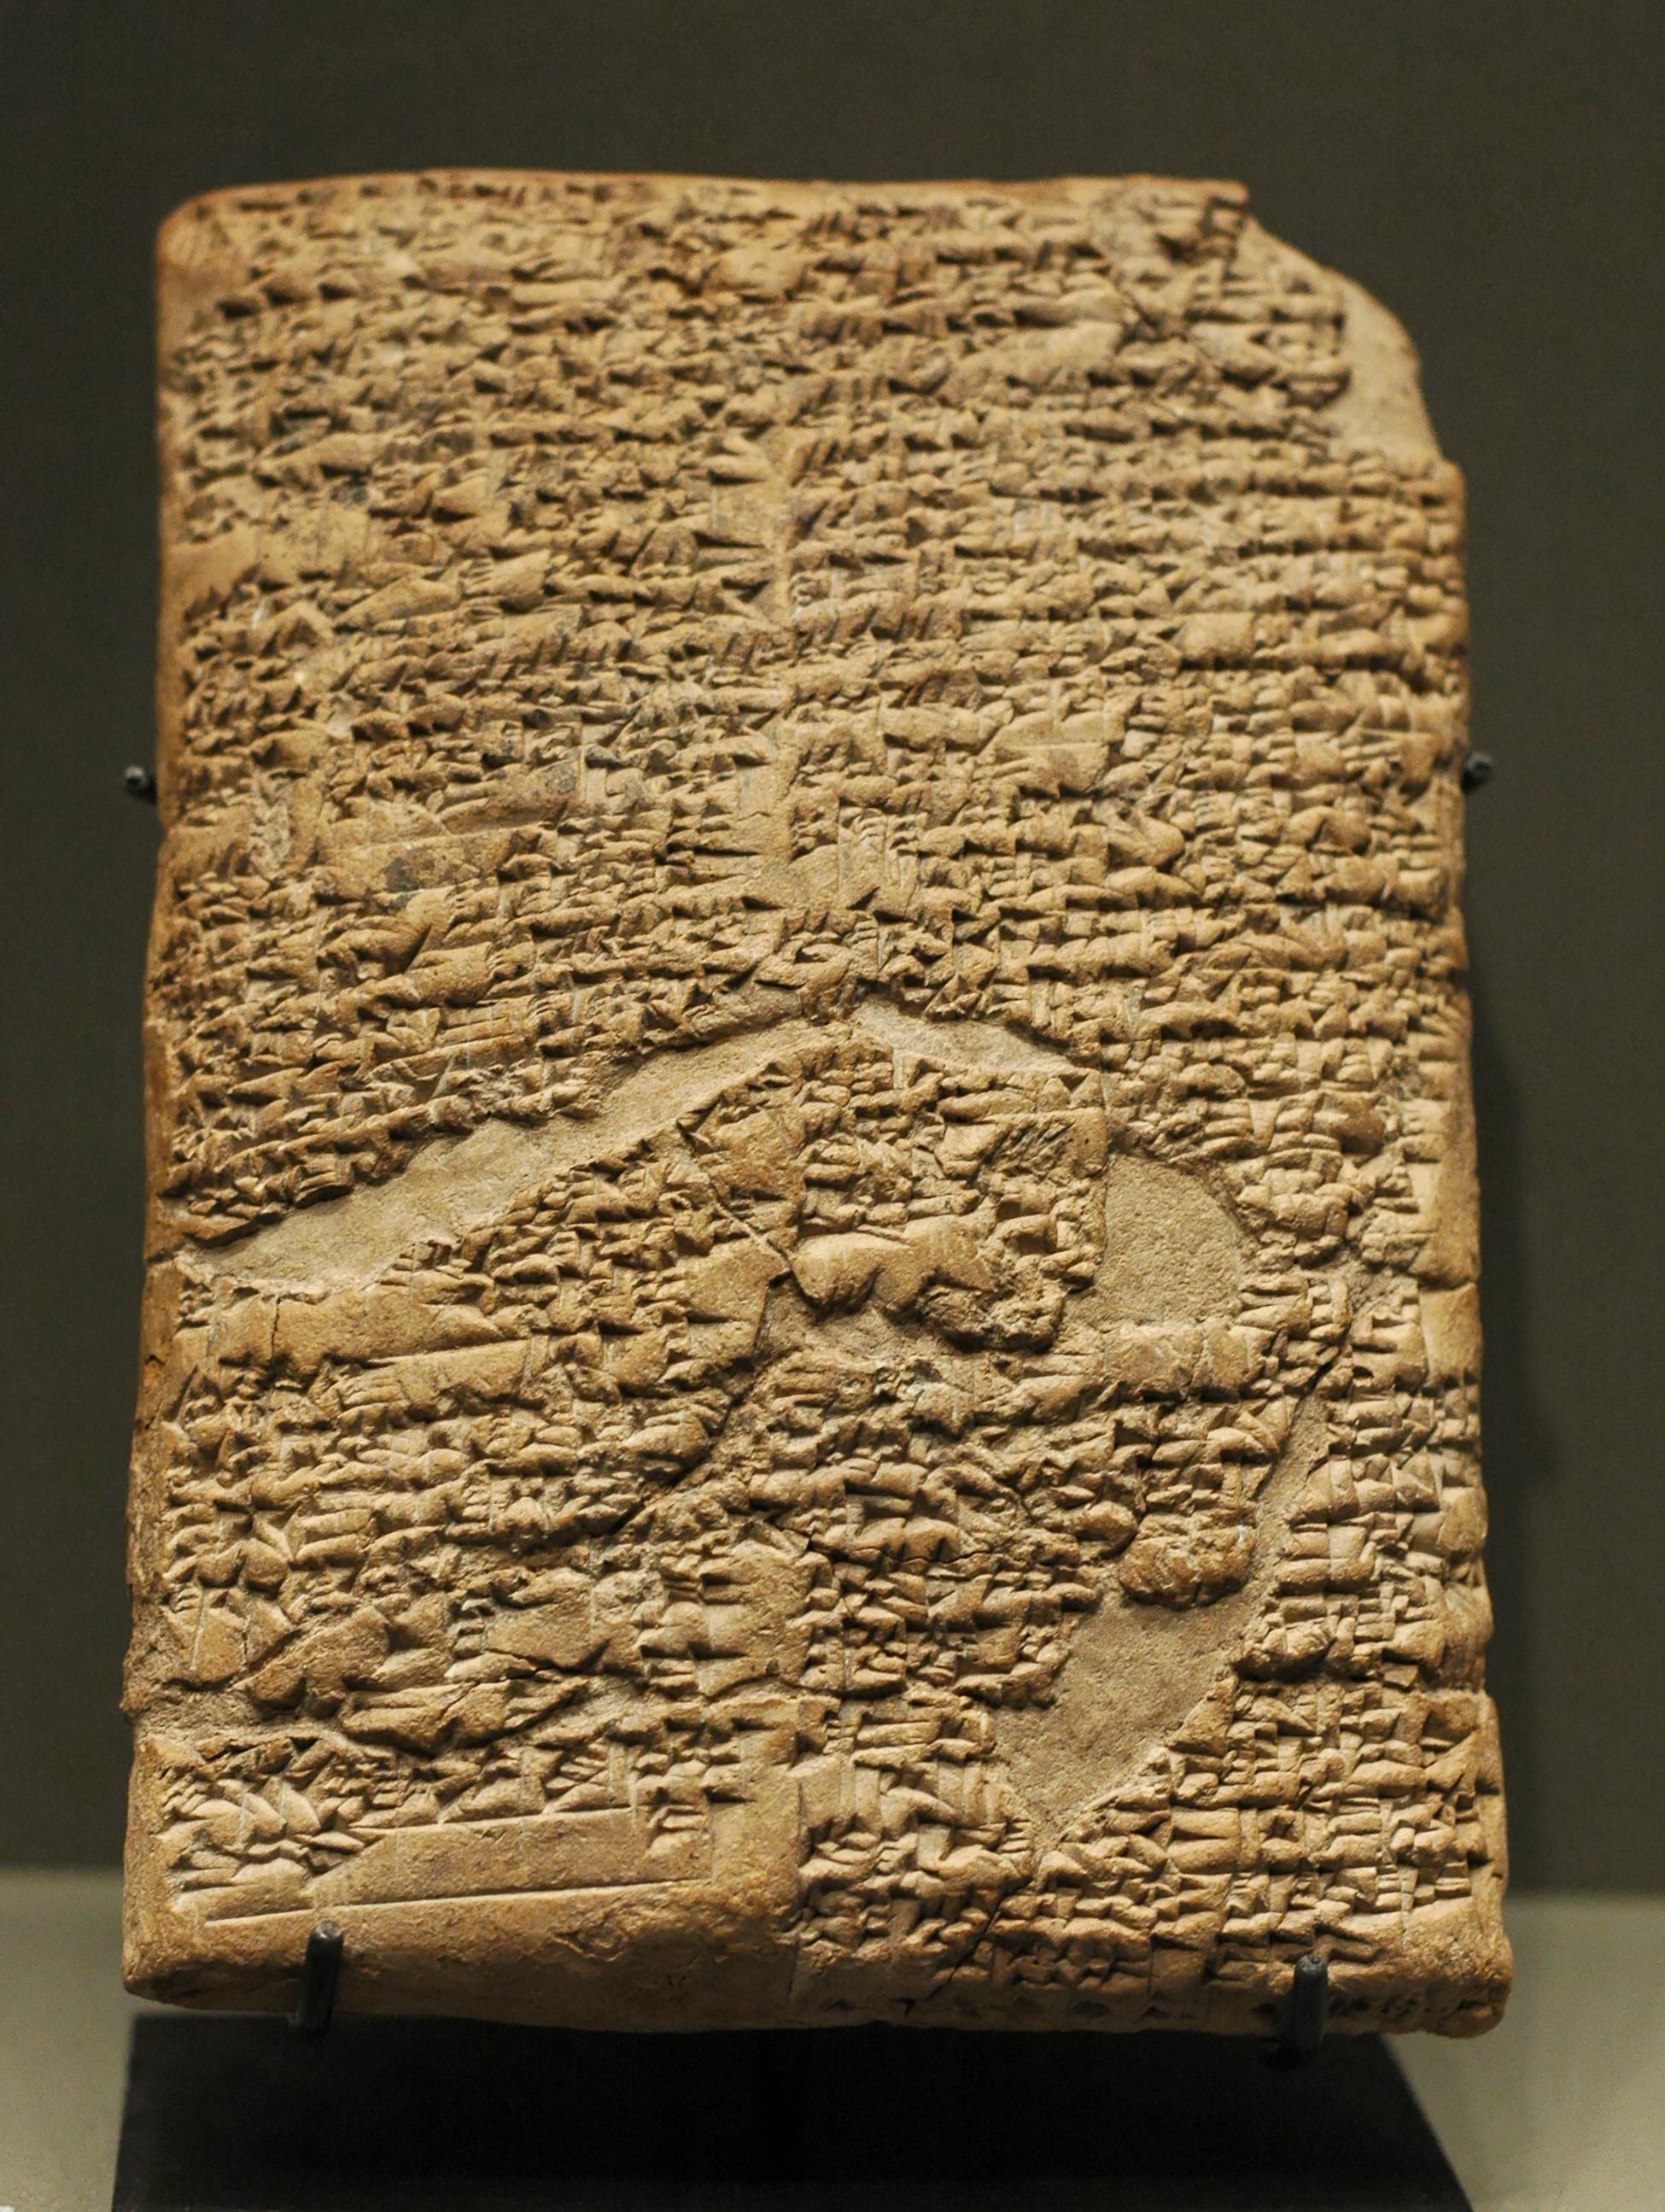 Code of Hammurabi Tablet